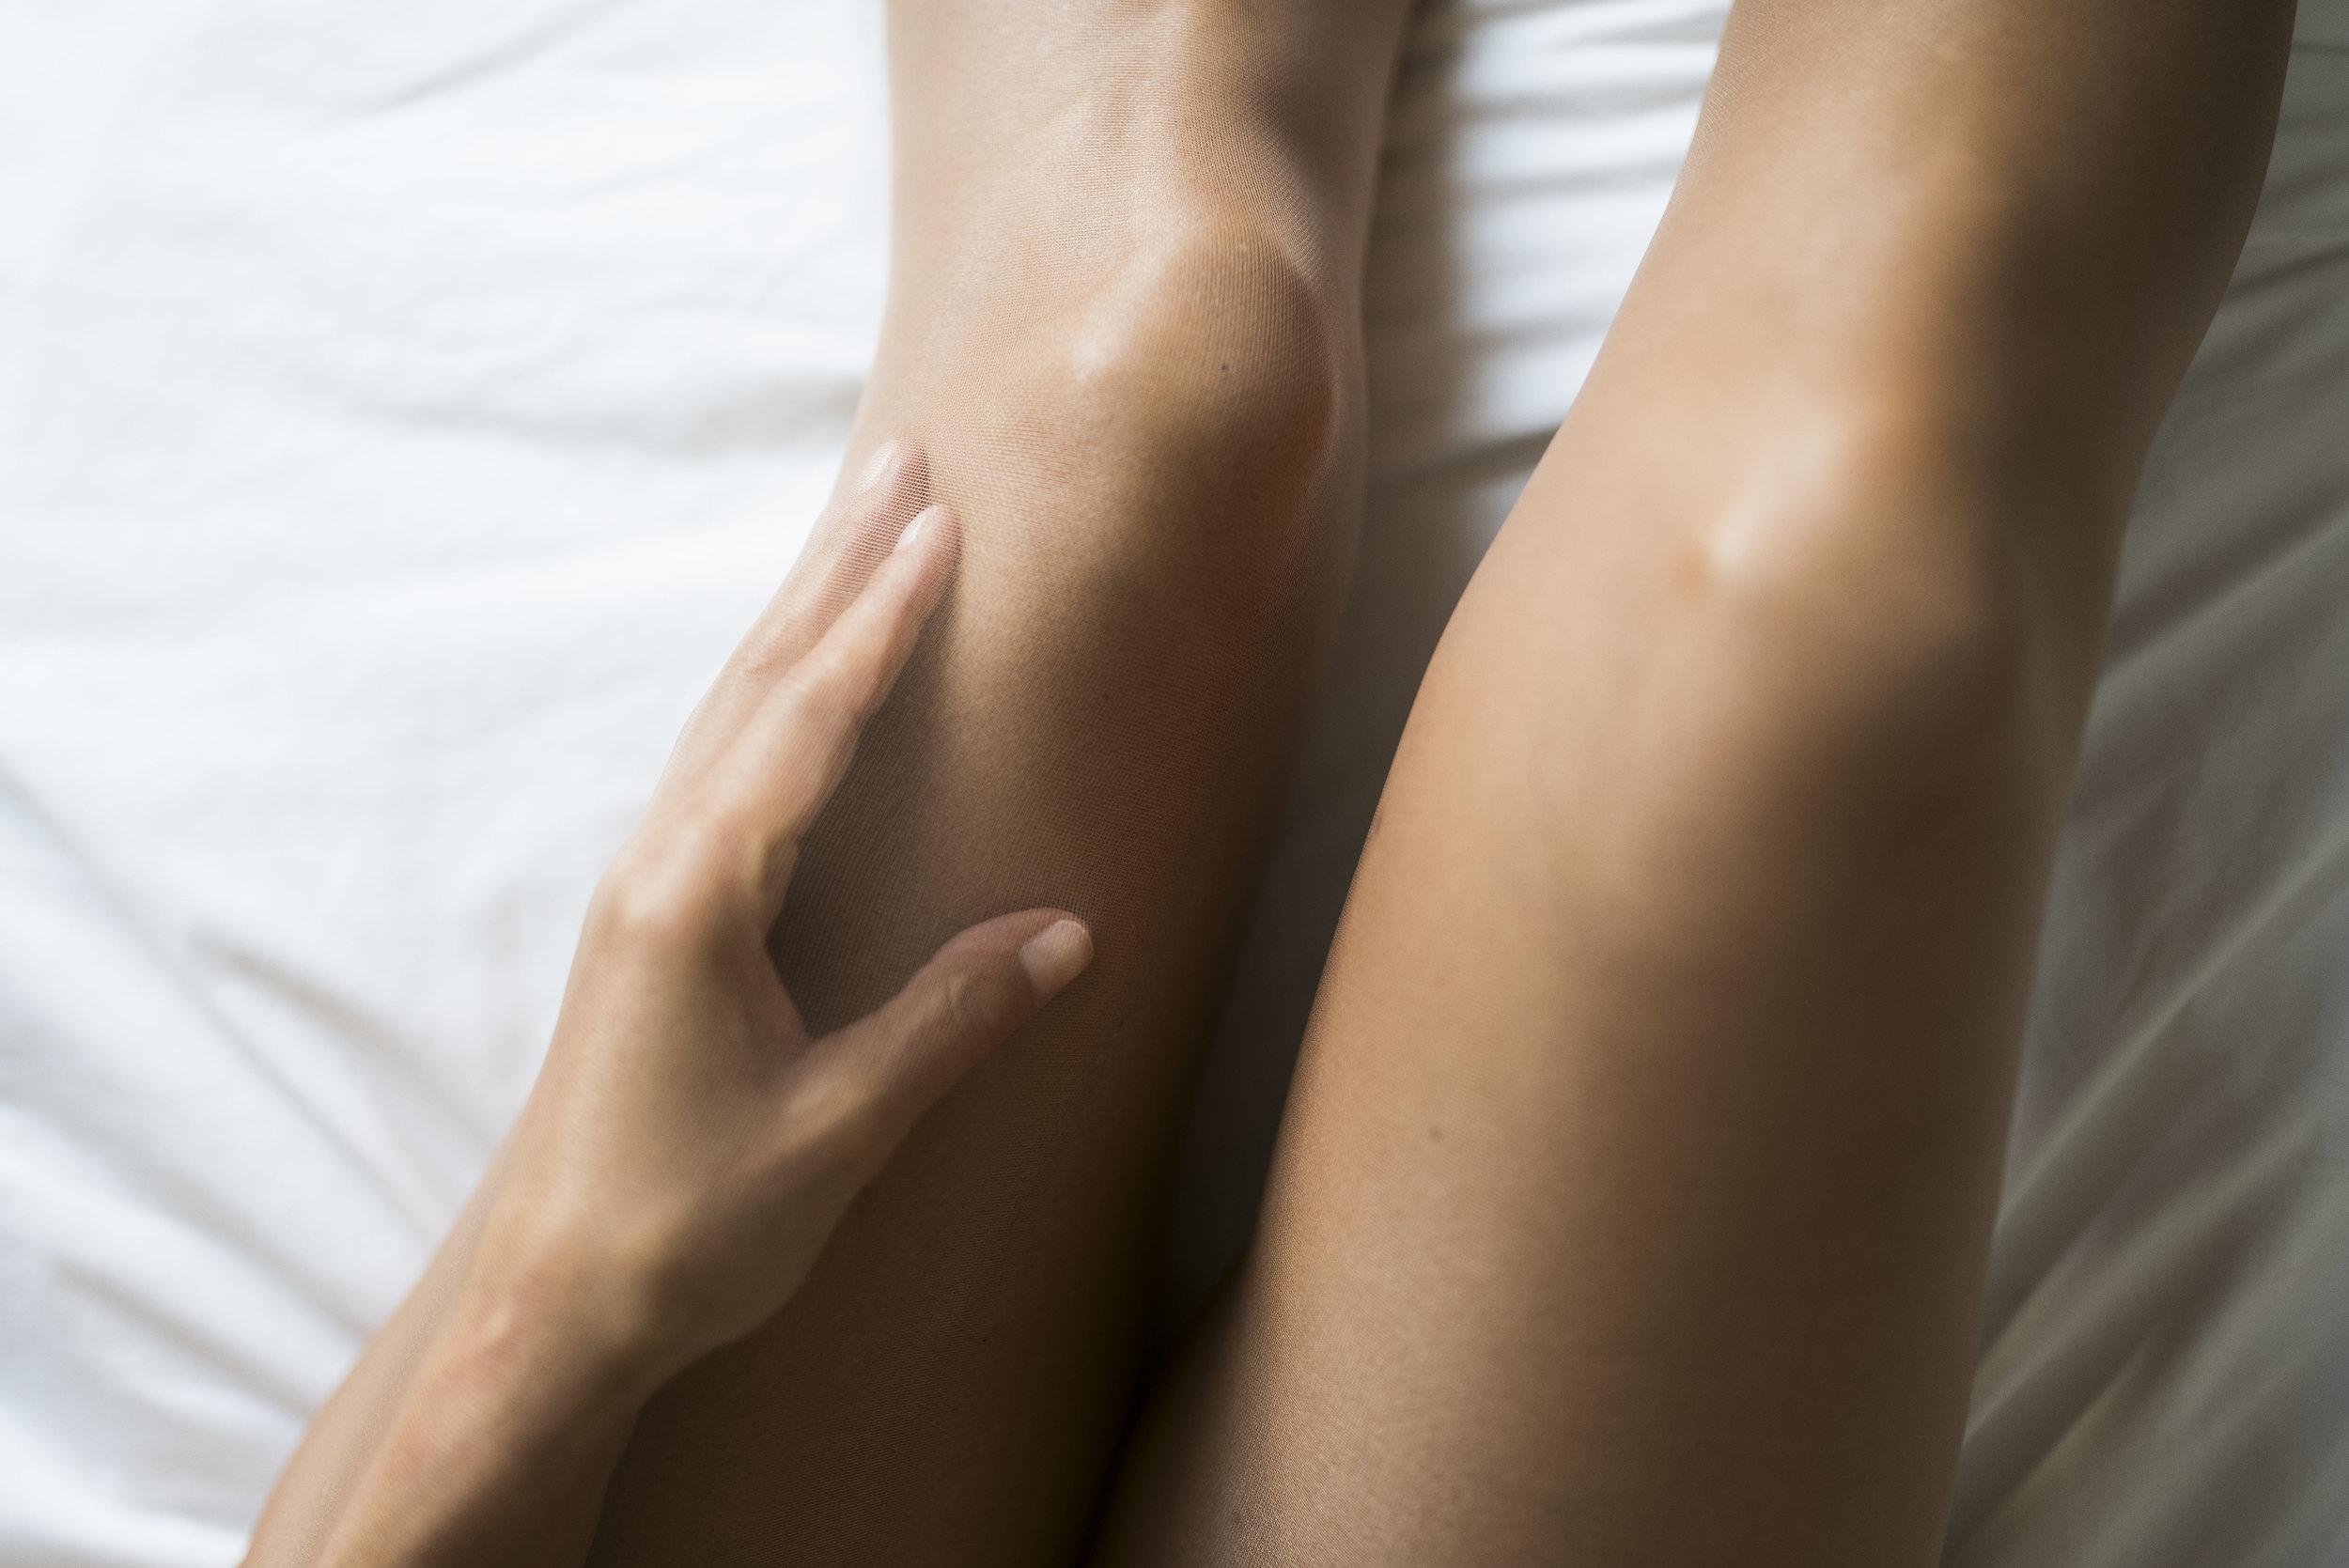 Foto: BeFifty / ©Sarah Willmeroth ITEM M6 Beine Kompression Blog für Frauen über 50 schlanke und gesunde Beine mit Kompressionsstrümpfen  Tights Invisible Women  Item M6 Tipps für Frauen über 40 und über 50. BeFifty Blog für Frauen über 40 und über 50.